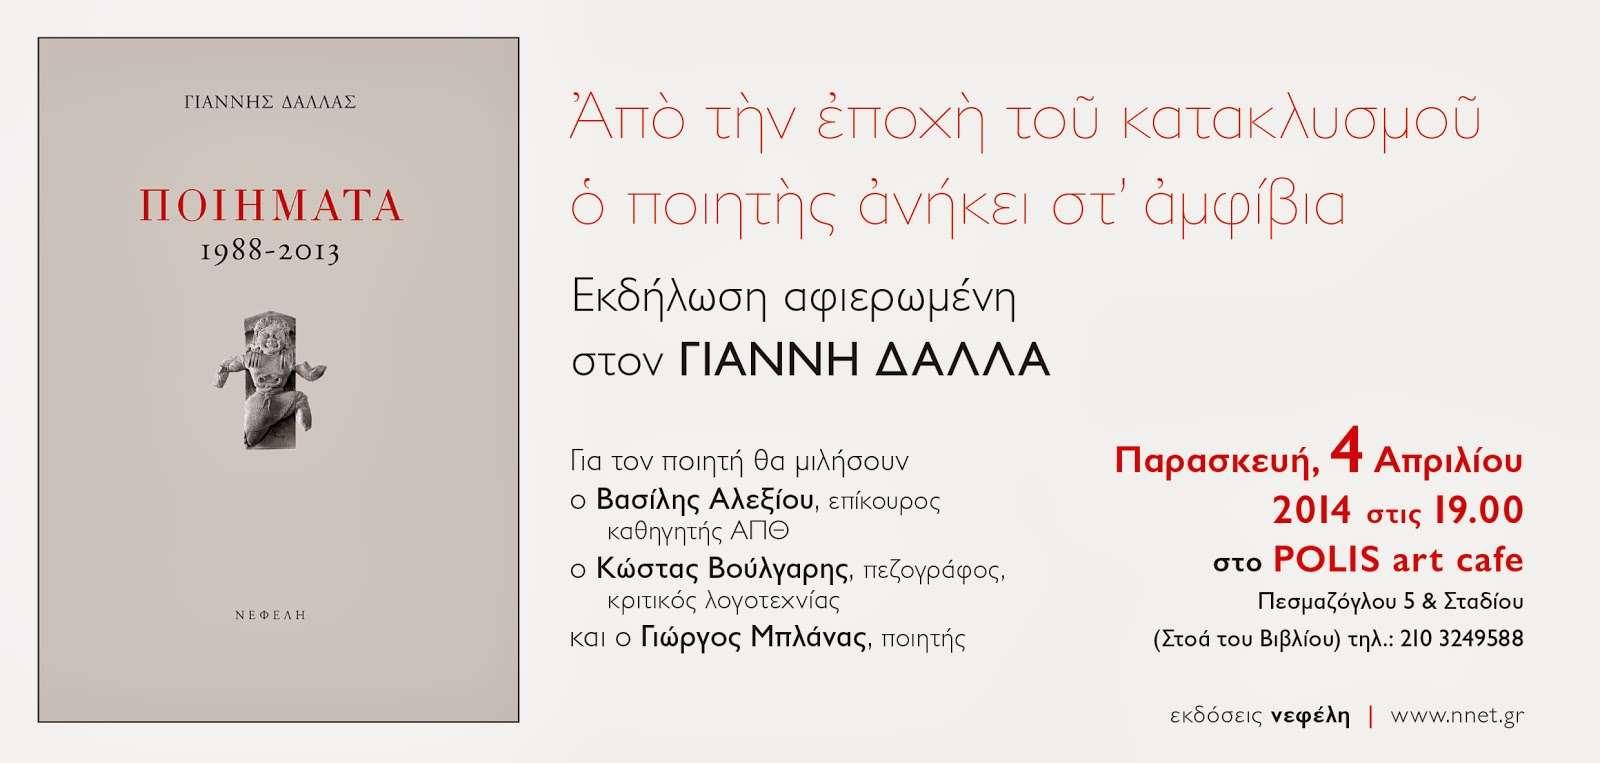 Εκδήλωση αφιερωμένη στον Γιάννη Δάλλα. «Από την εποχή του κατακλυσμού ο ποιητής ανήκει στ' αμφίβια»: Παρασκευή 4 Απριλίου (ώρα 7.00 μ.μ., Polis Art Café, κέντρο Αθήνας) Ομιλητές: Βασίλης Αλεξίου, Κώστας Βούλγαρης, Γιώργος Μπλάνας